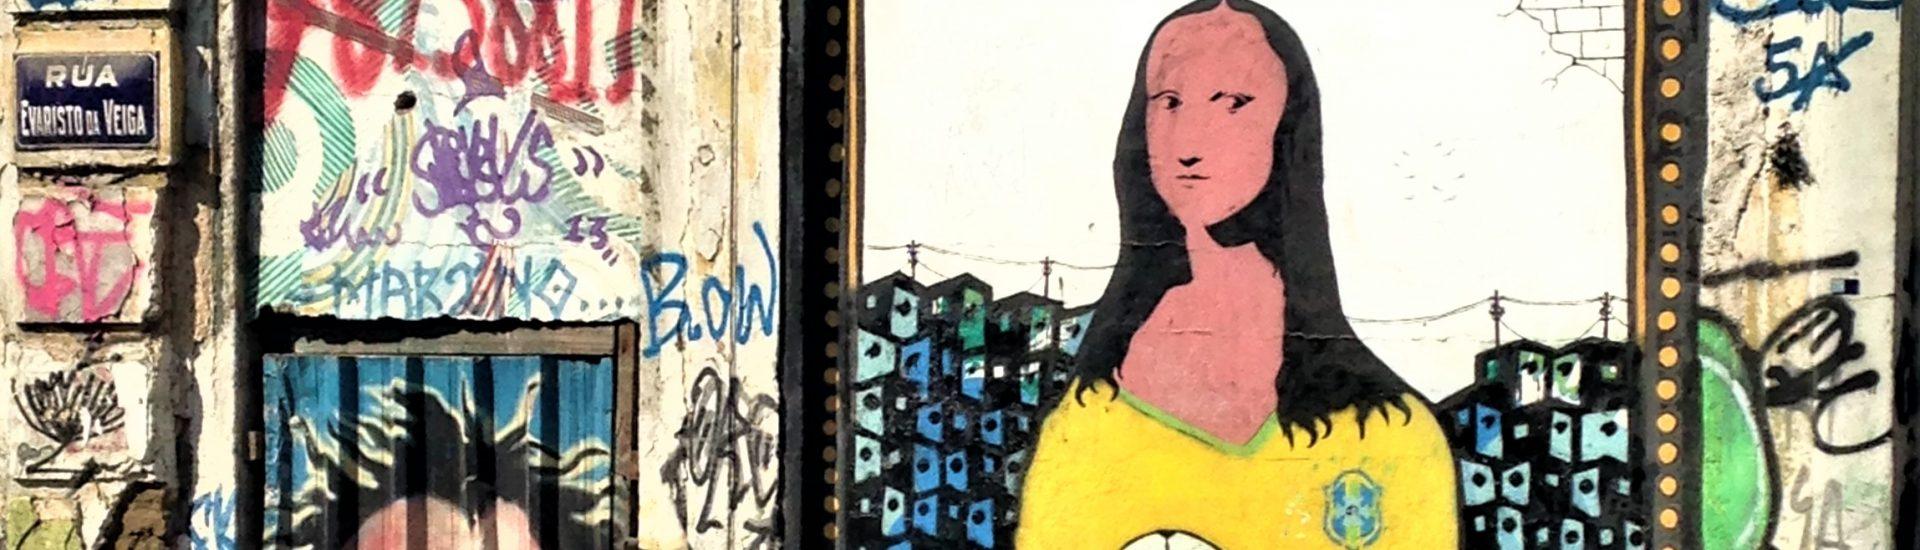 Mona Lisa in Lapa